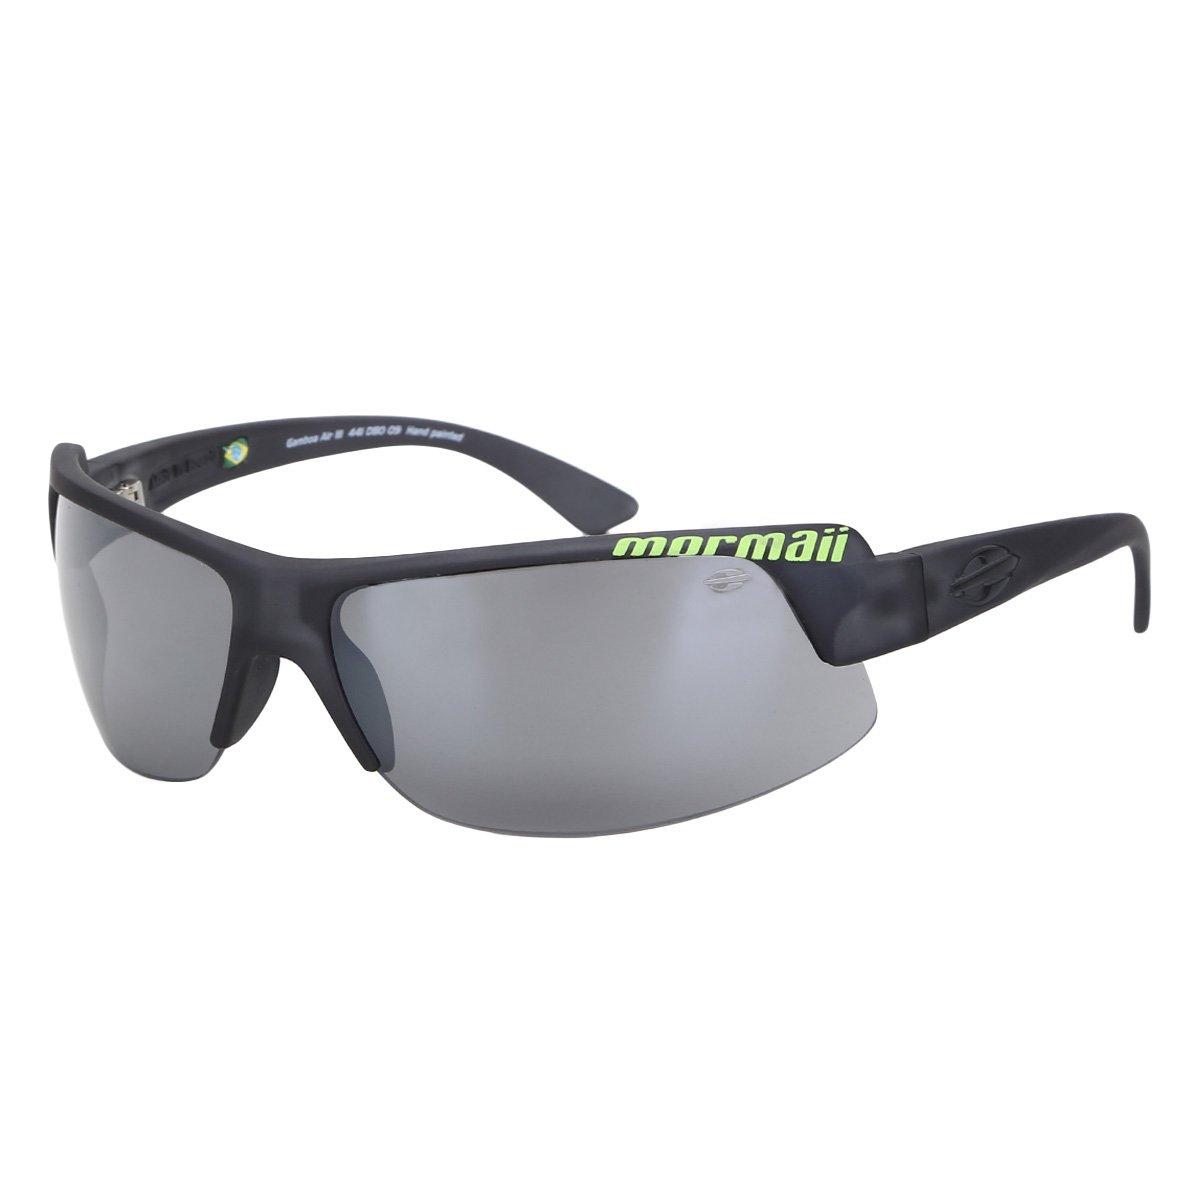 6e7b5fccf Óculos de Sol Mormaii Gamboa Air III 00441D8009 Masculino